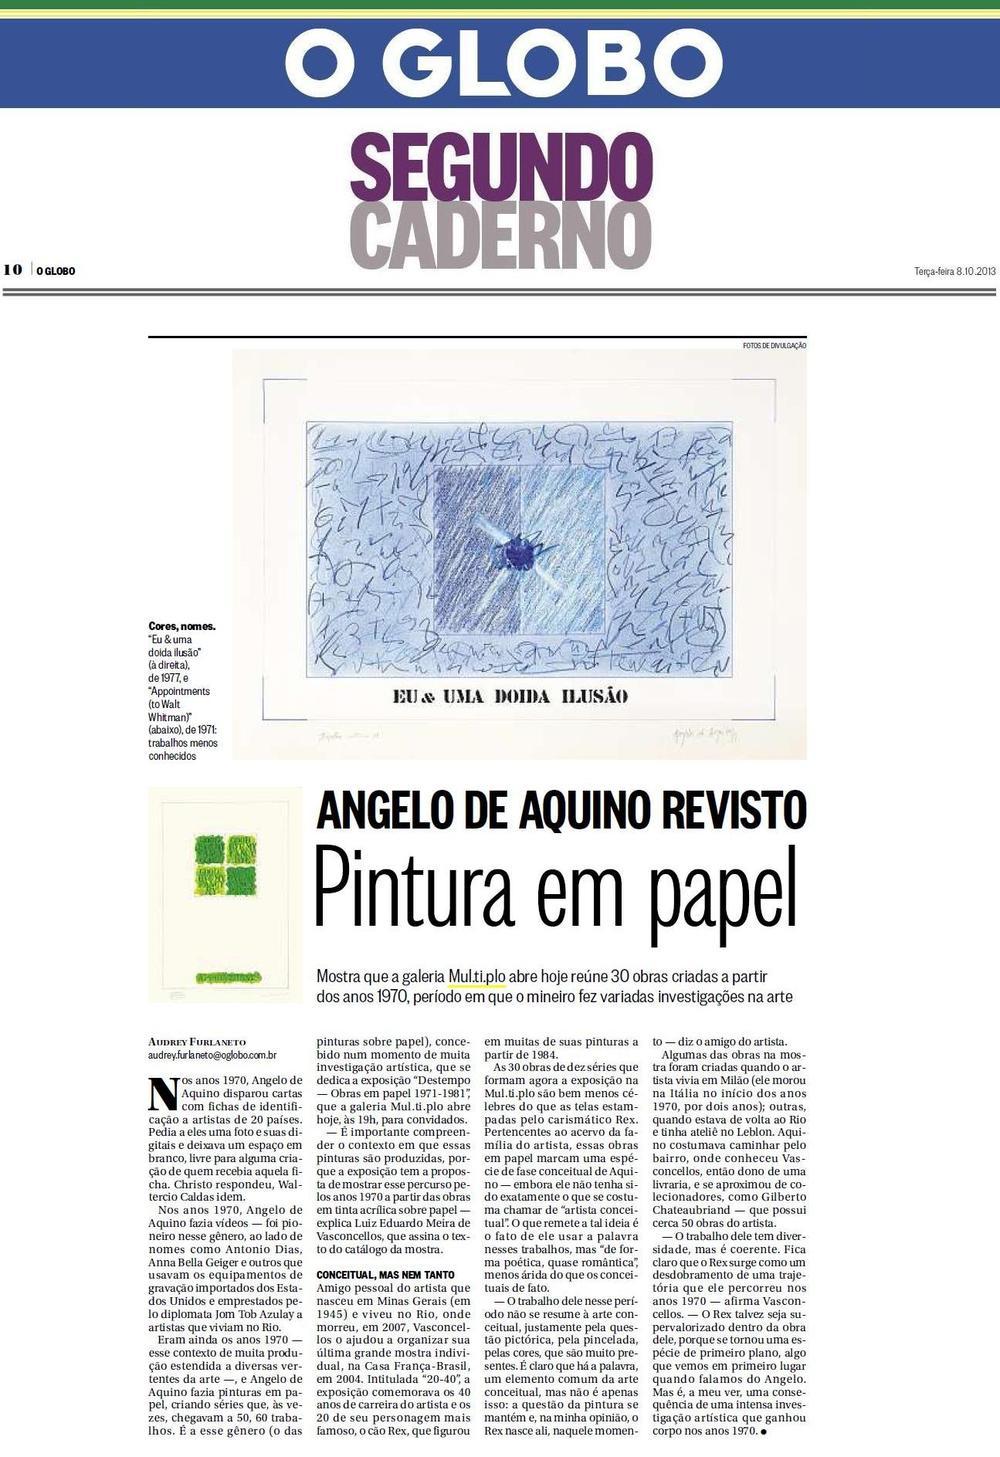 MUL.TI.PLO ESPAÇO ARTE NO SEGUNDO CADERNO 08.10.2013.JPG